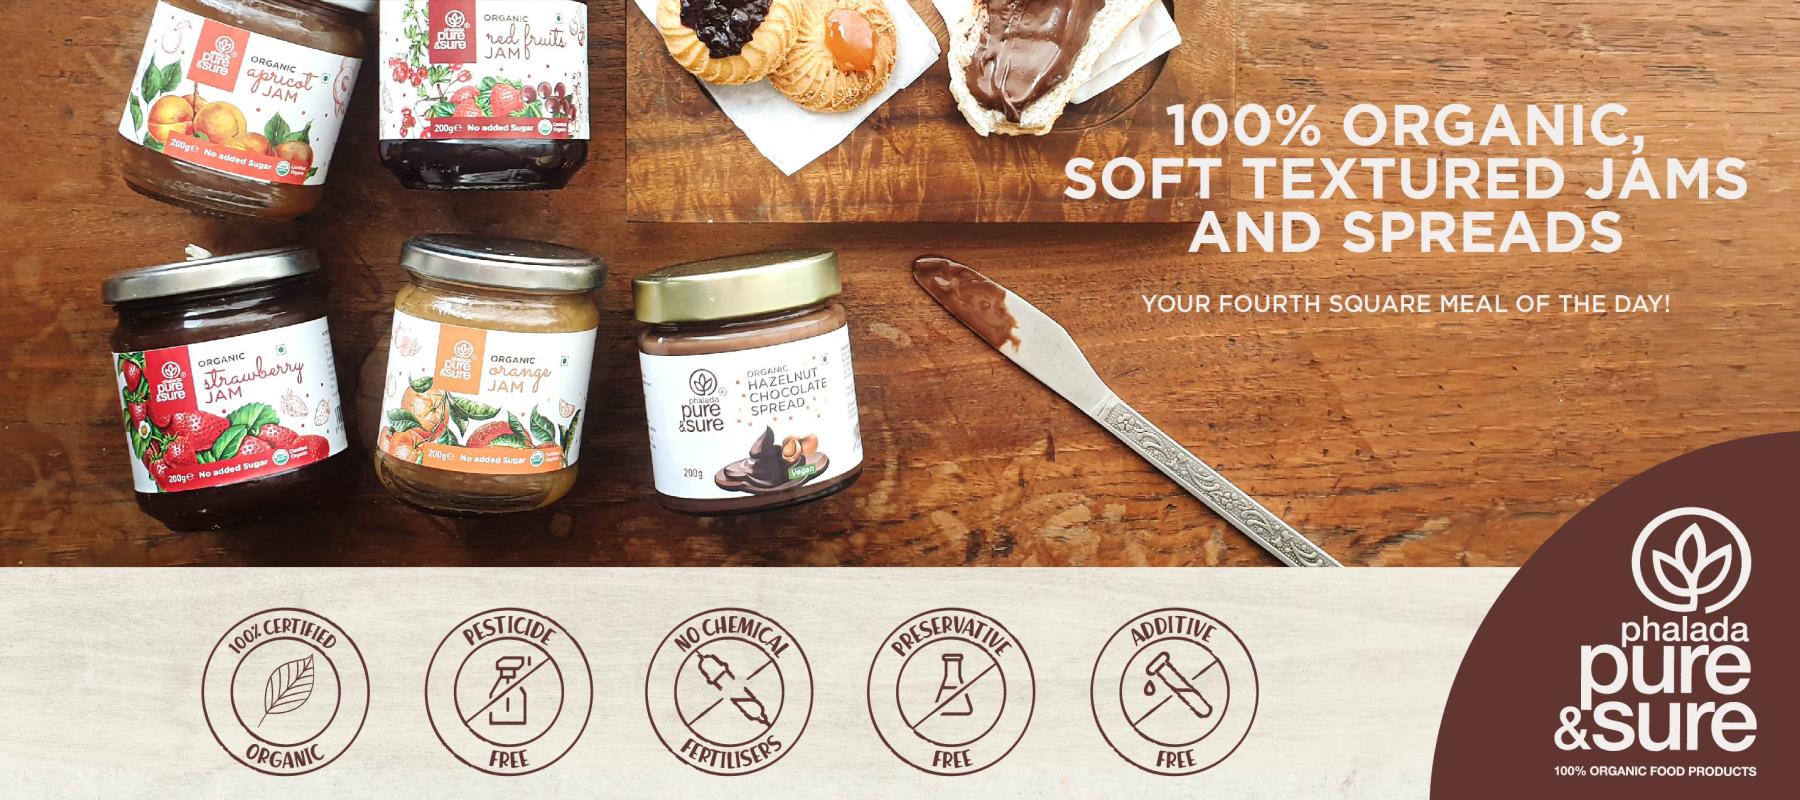 An ingenious platform for an organic foods firm